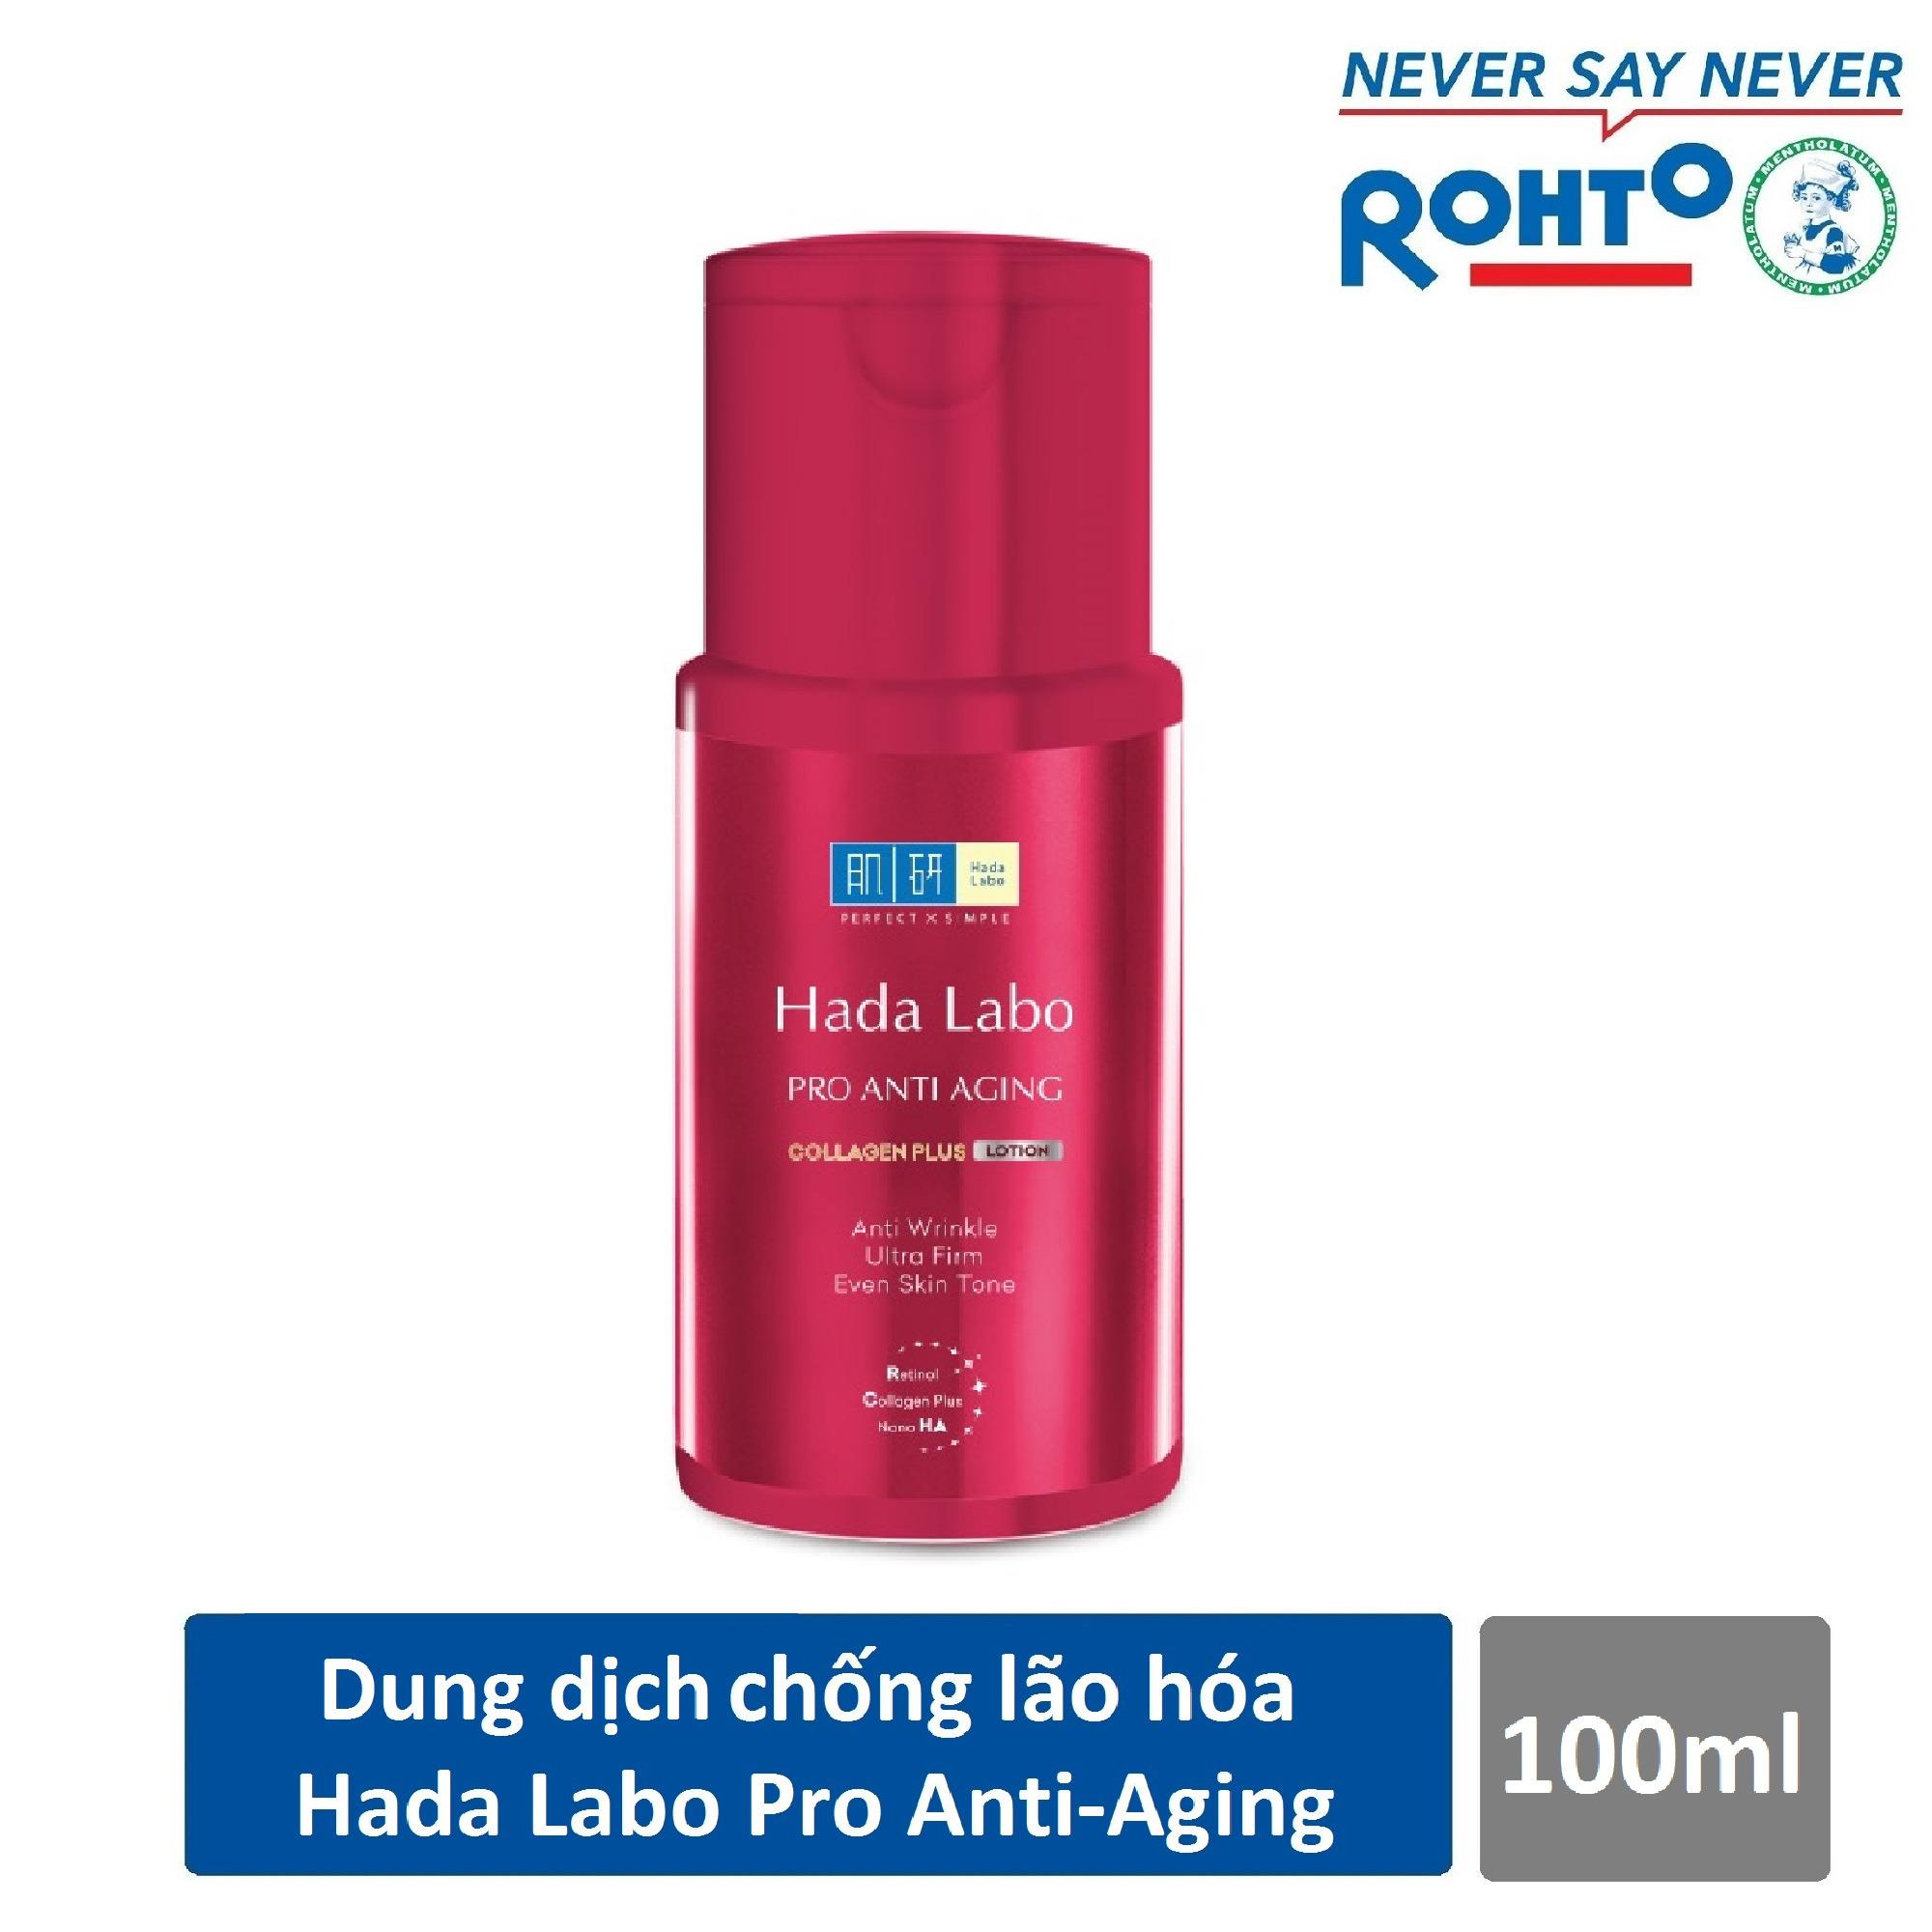 Bán Dung Dịch Dưỡng Chuyen Biệt Chống Lao Hoa Hada Labo Pro Anti Aging Lotion 100Ml Nguyên